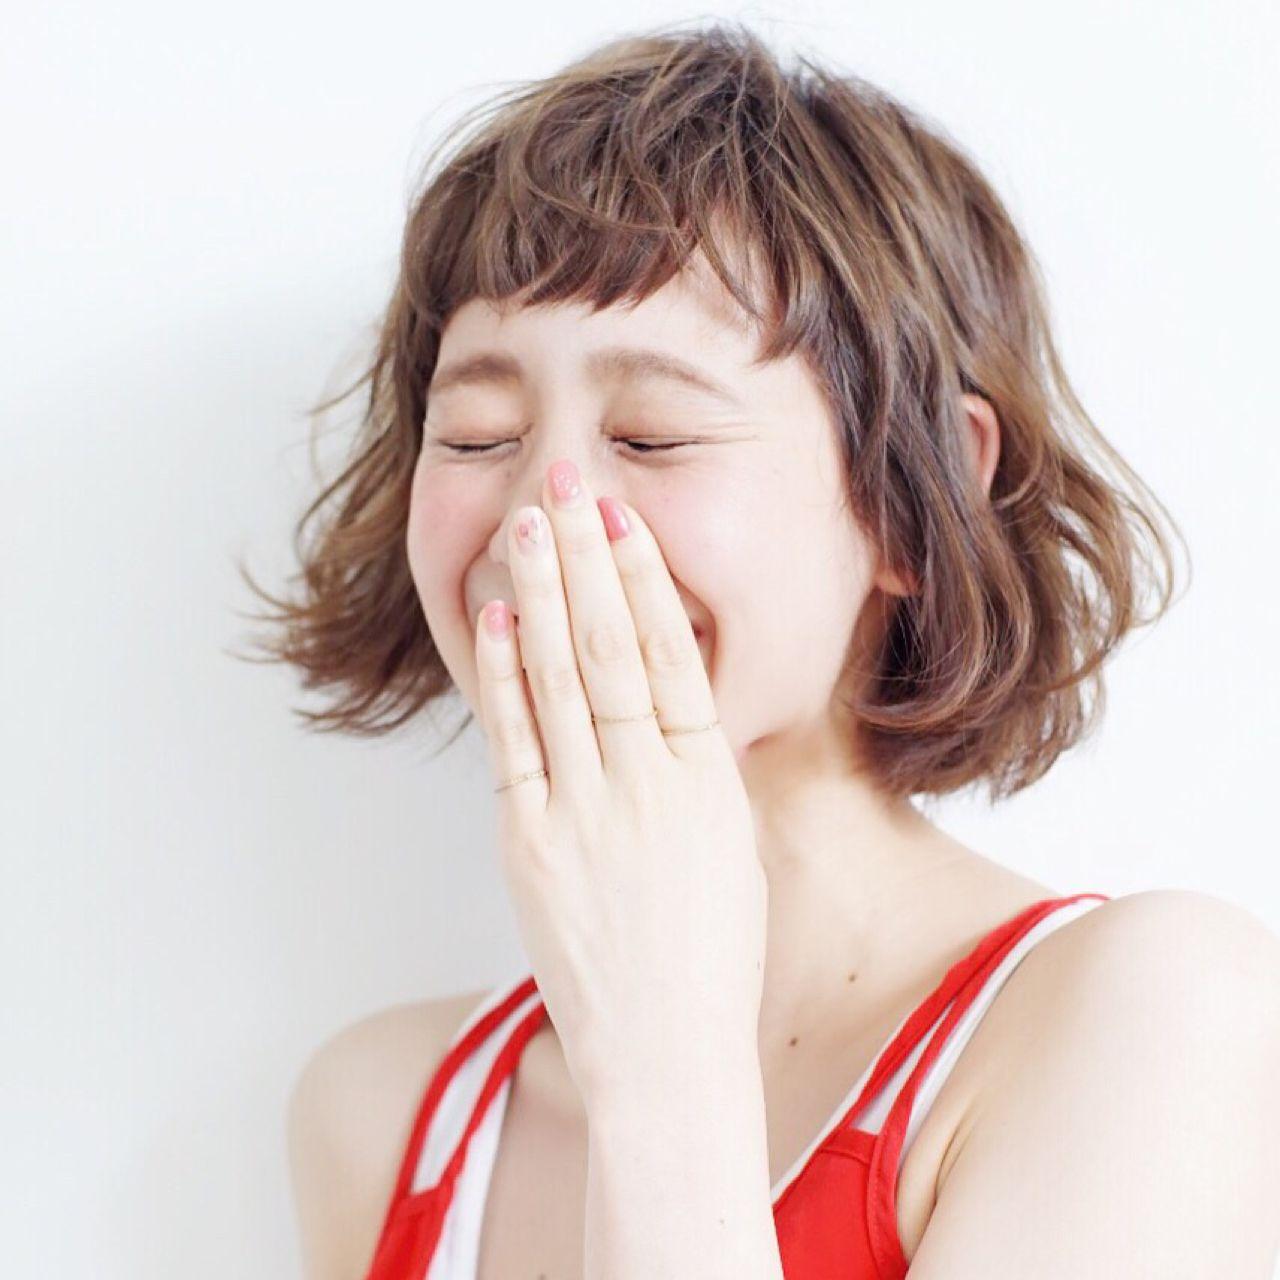 2016春におすすめ♡ボブ ✕ 前髪短めのスタイルが可愛すぎます!!のサムネイル画像